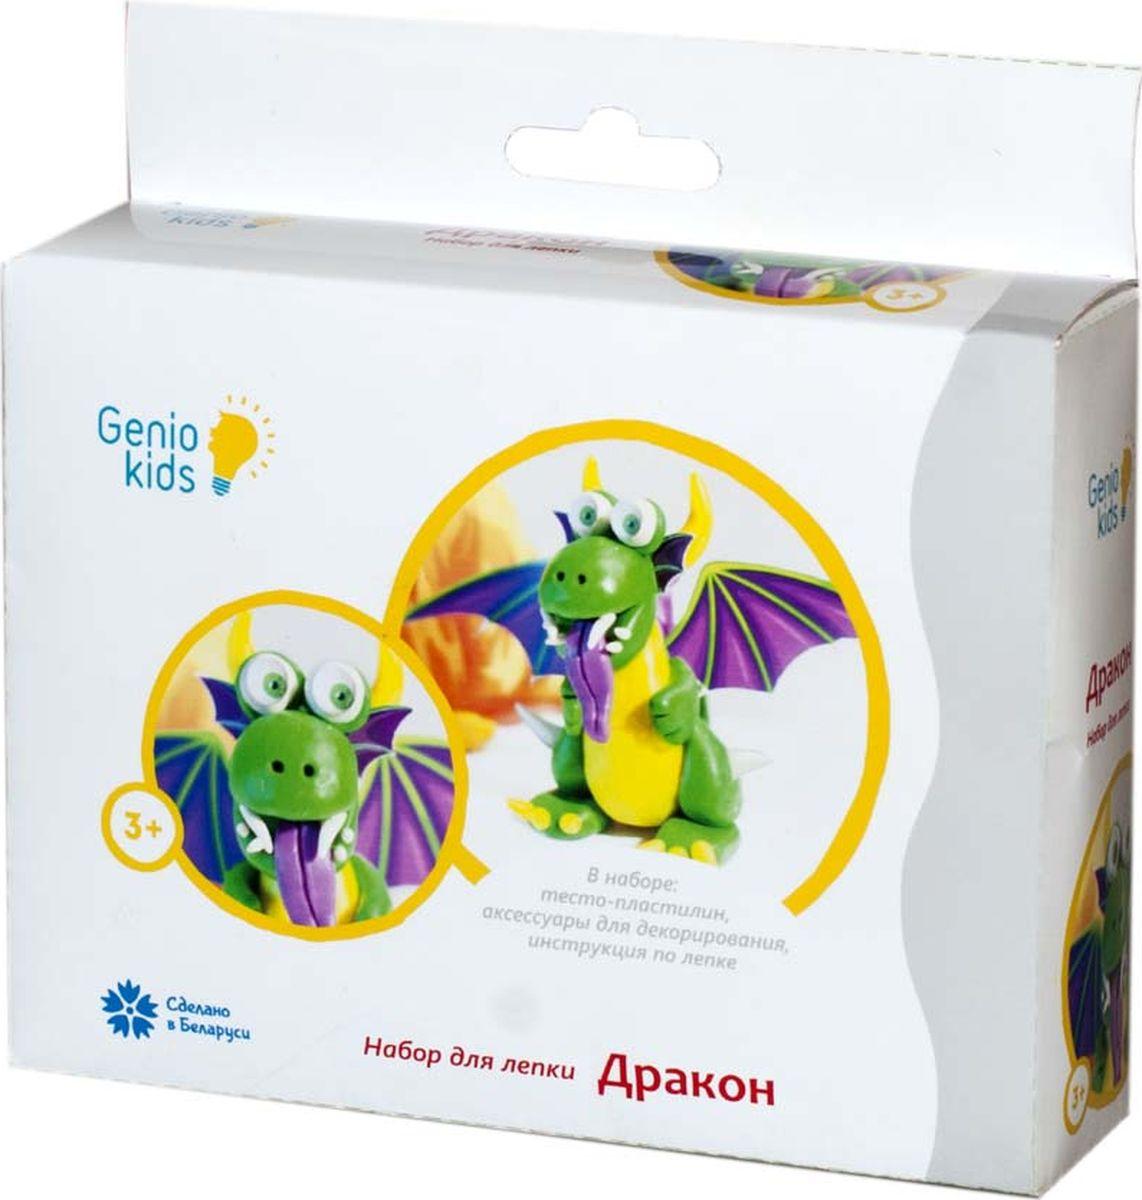 Genio Kids Набор для лепки Дракон набор для лепки color puppy веселая пекарня тесто 250 г аксессуары 631027